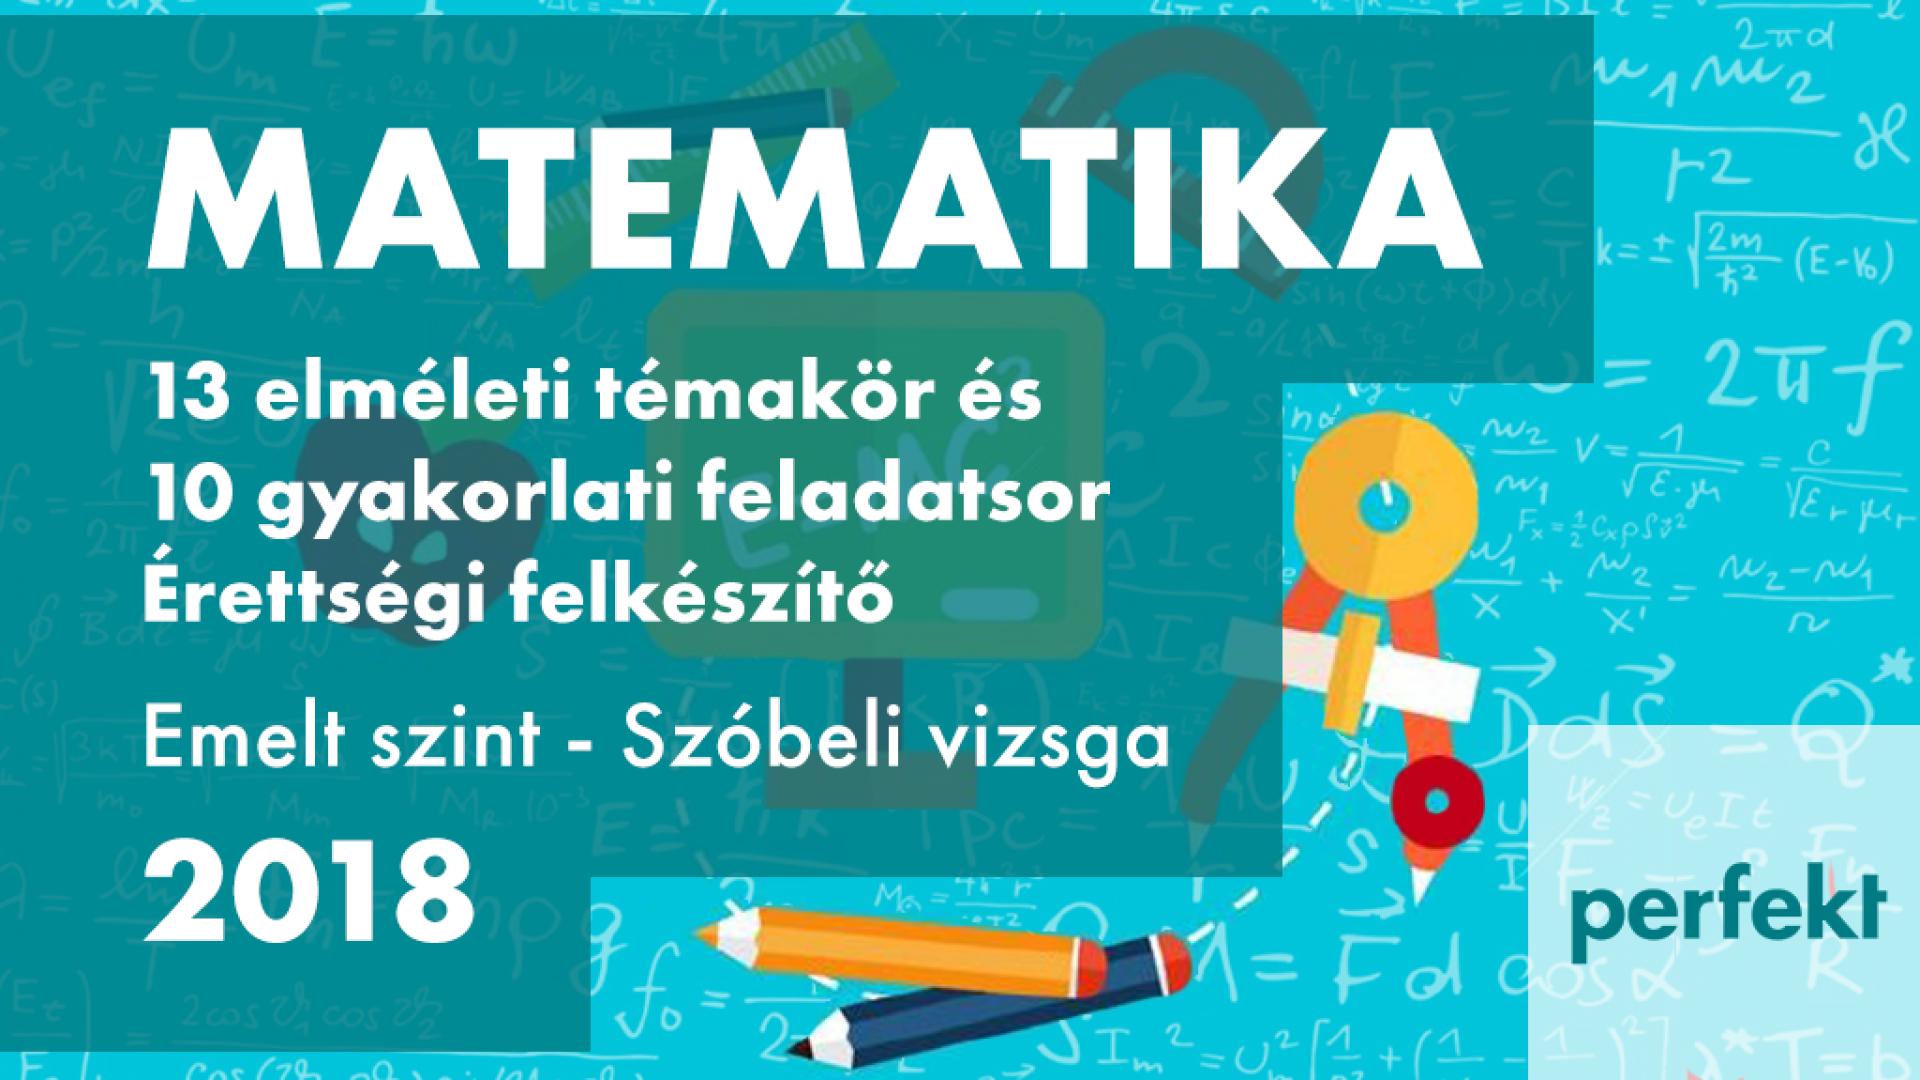 Emelt szintű matematika szóbeli érettségi felkészítő 2018